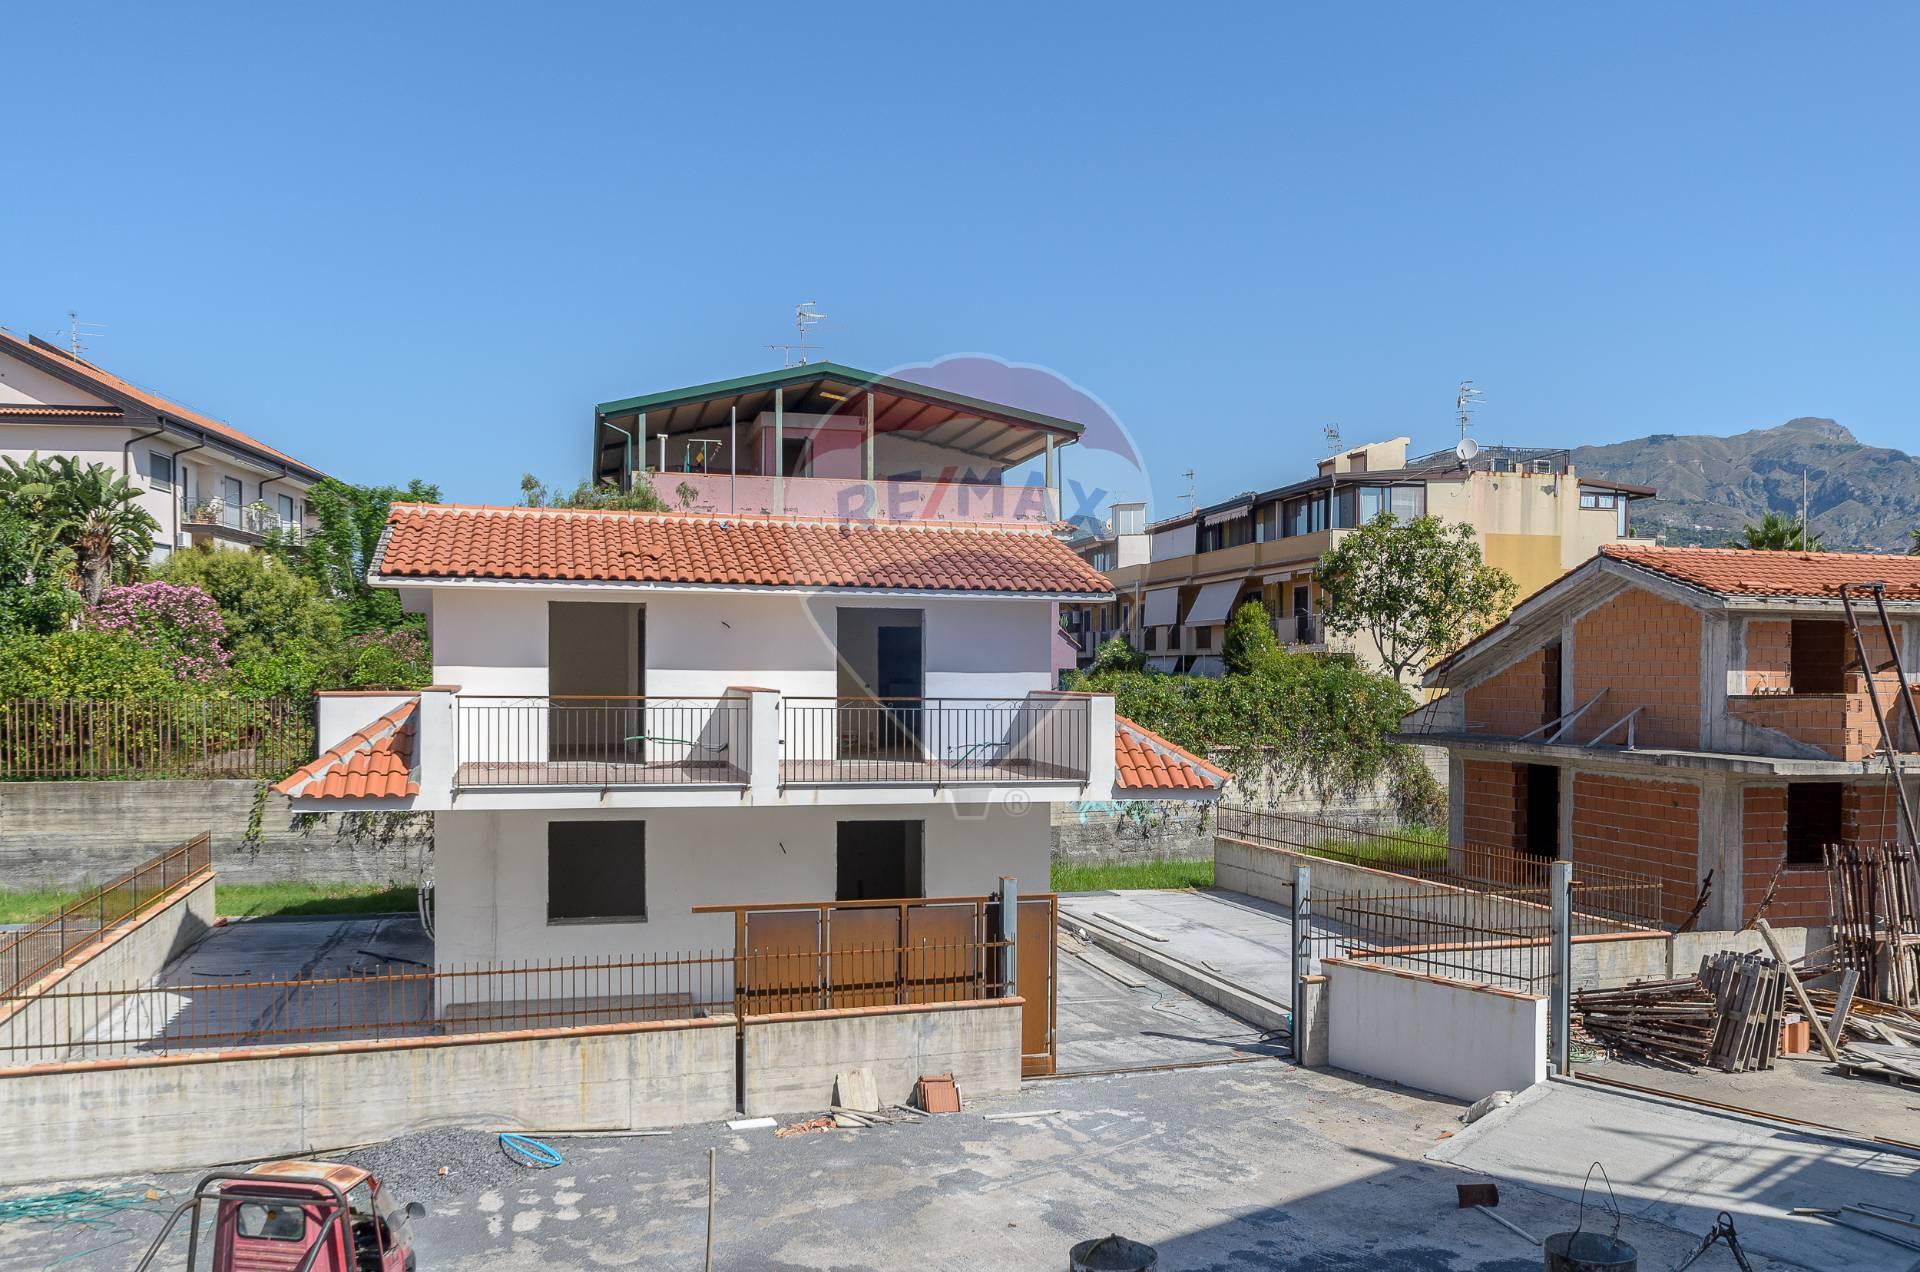 Villa in vendita a Giardini-Naxos, 6 locali, zona Località: Recanati, prezzo € 260.000 | CambioCasa.it